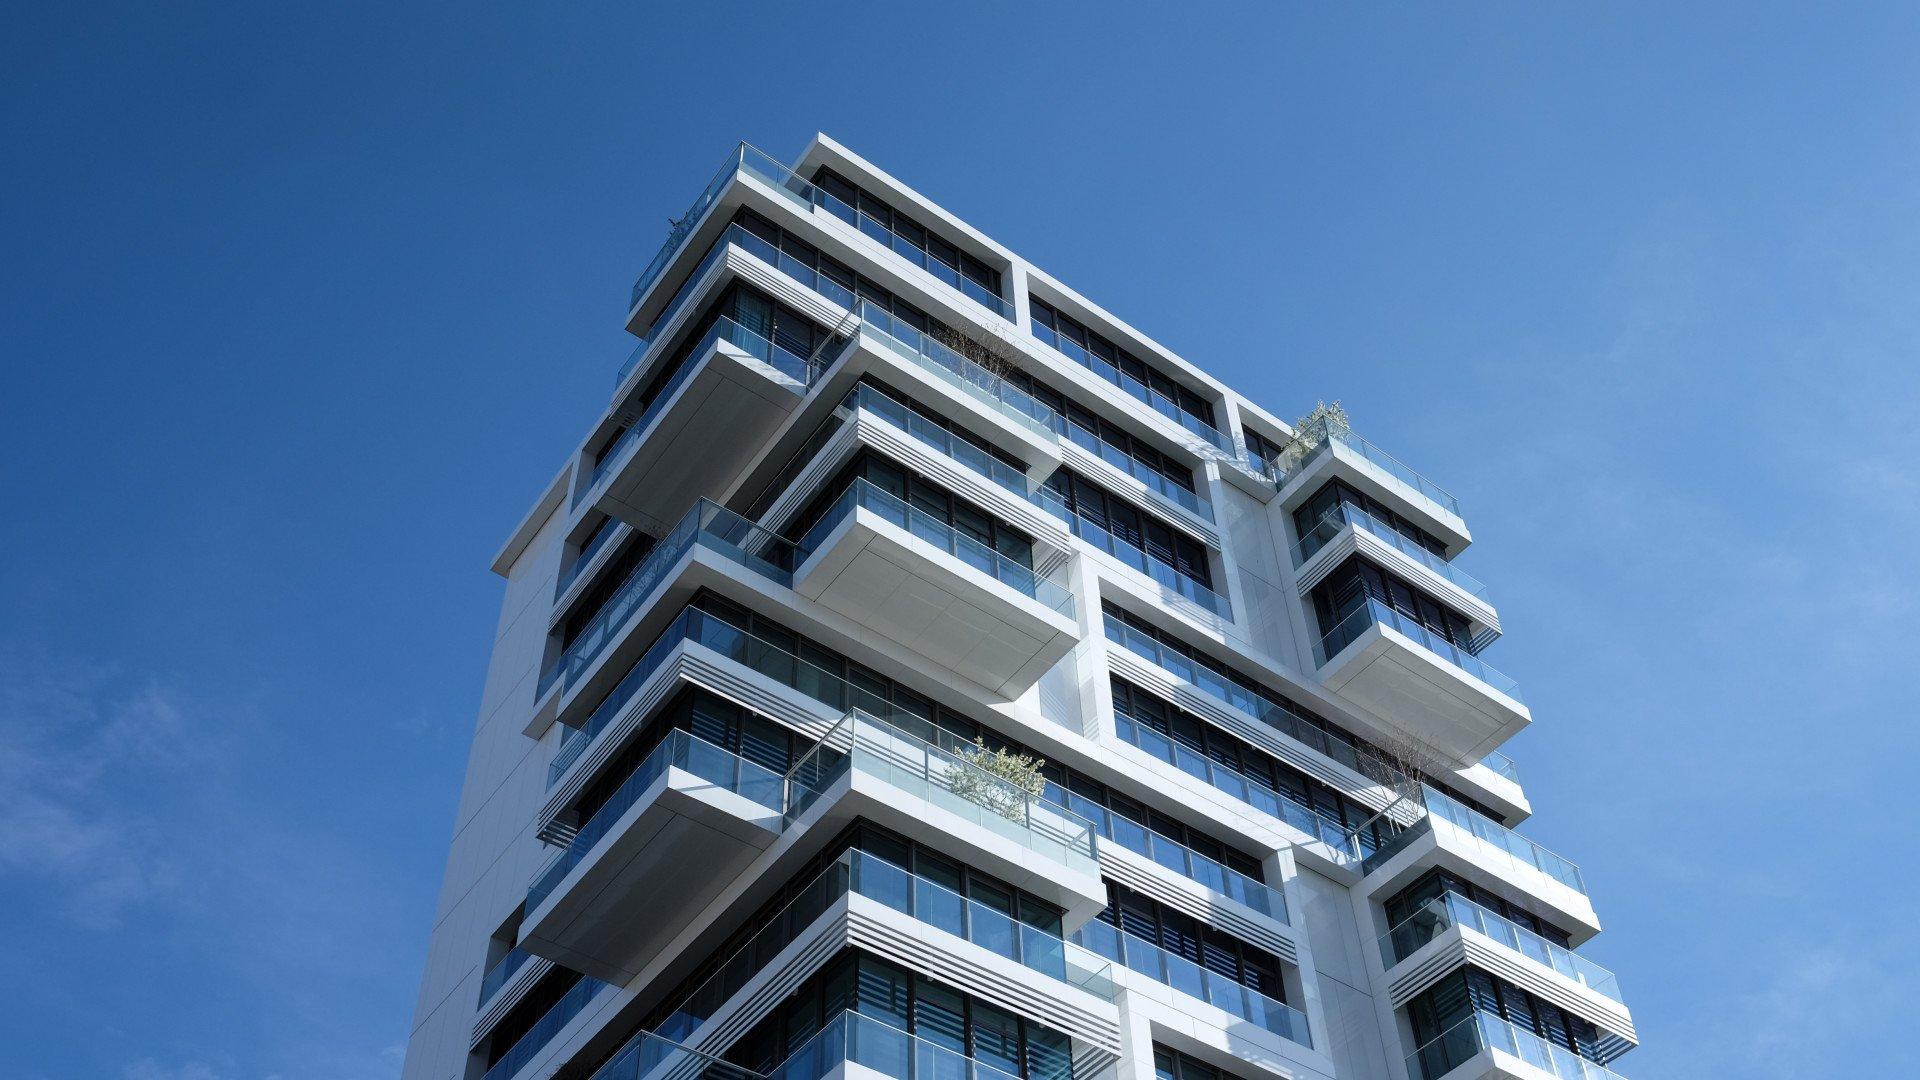 Les entreprises s'intéressent aussi au monde de l'immobilier